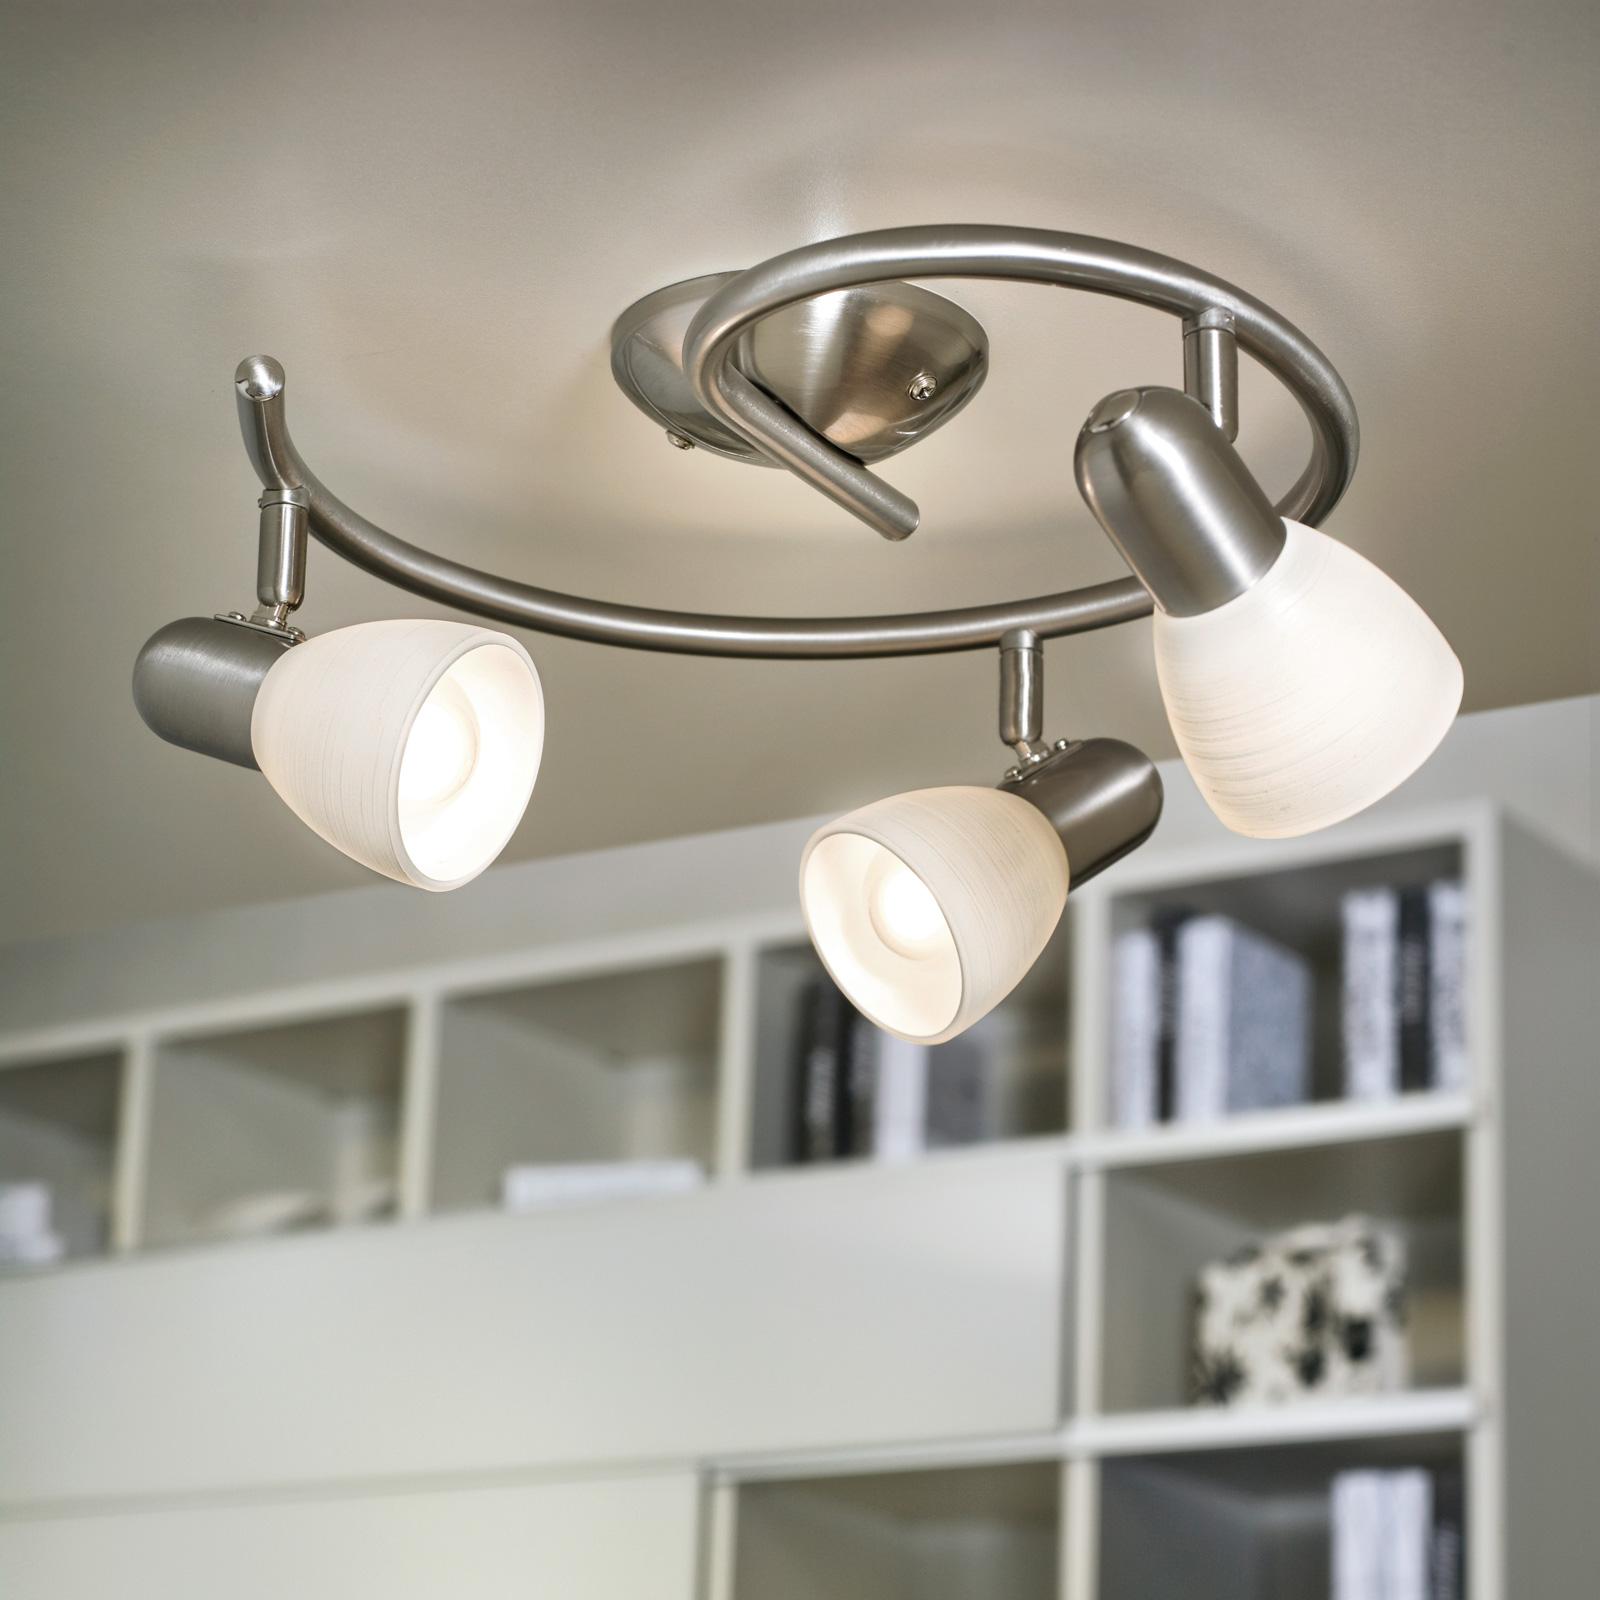 Plafonnier étonnant Dake, 3 ampoules